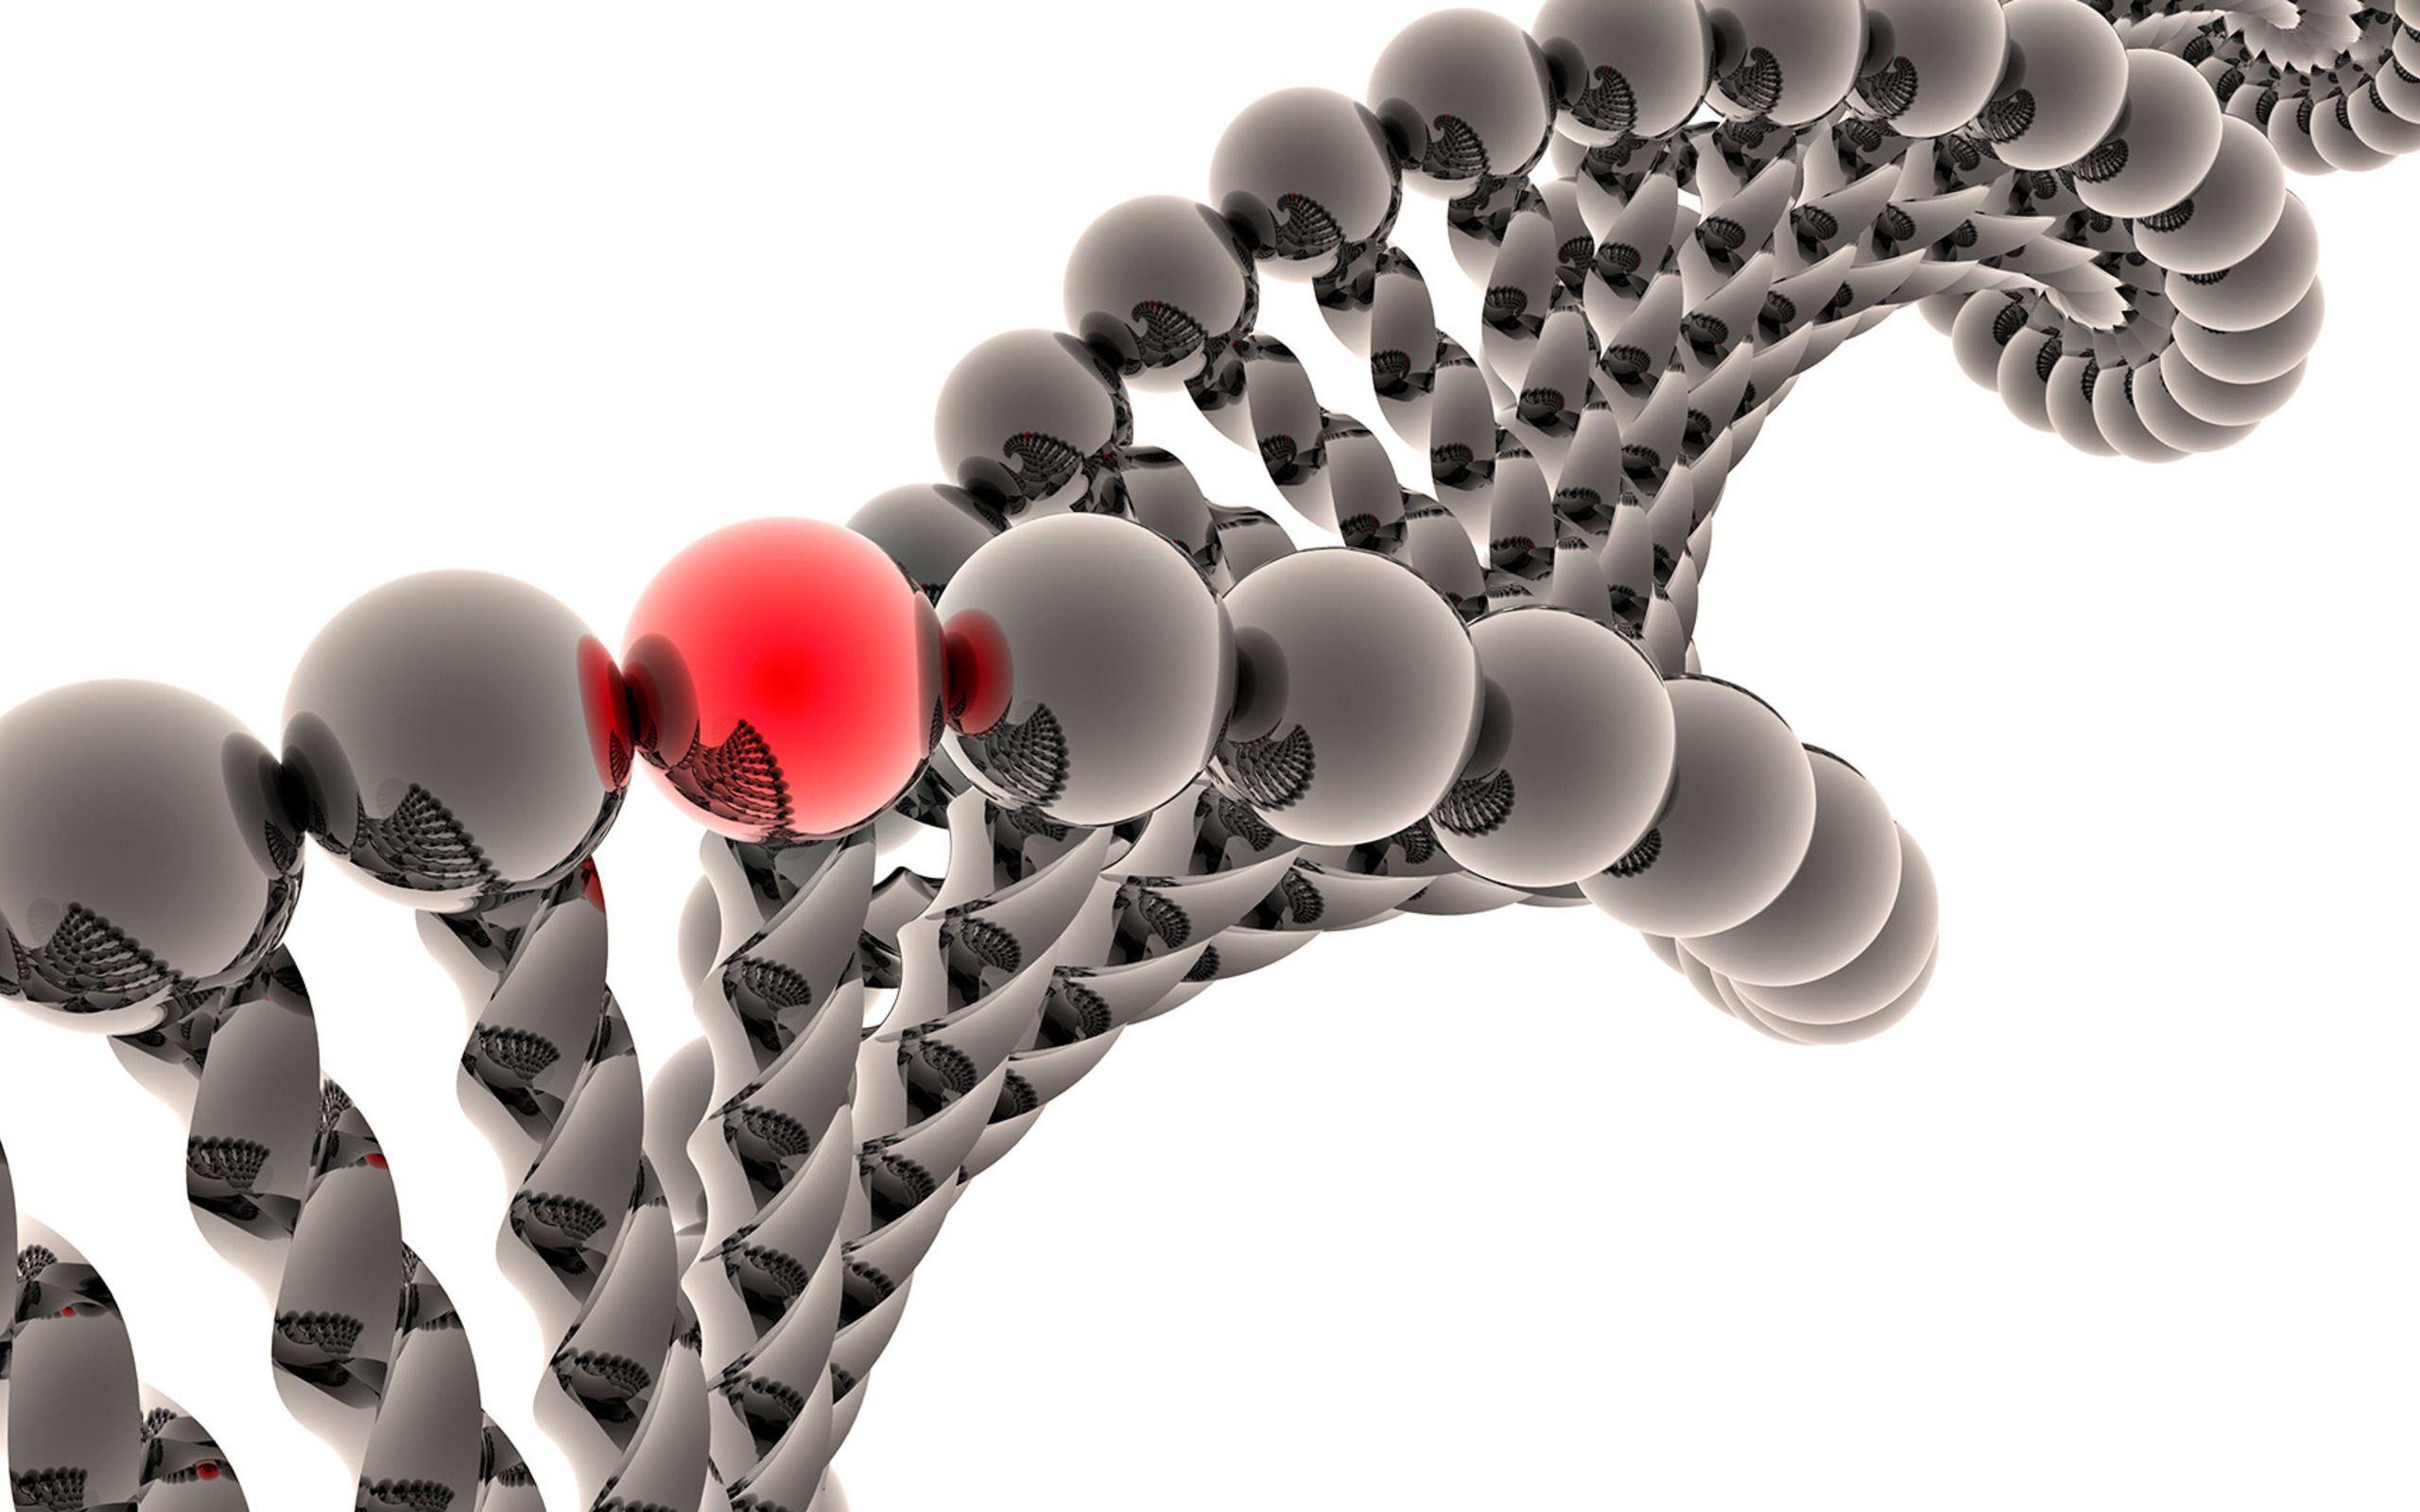 هل الوراثة هي نفسها التوريث؟